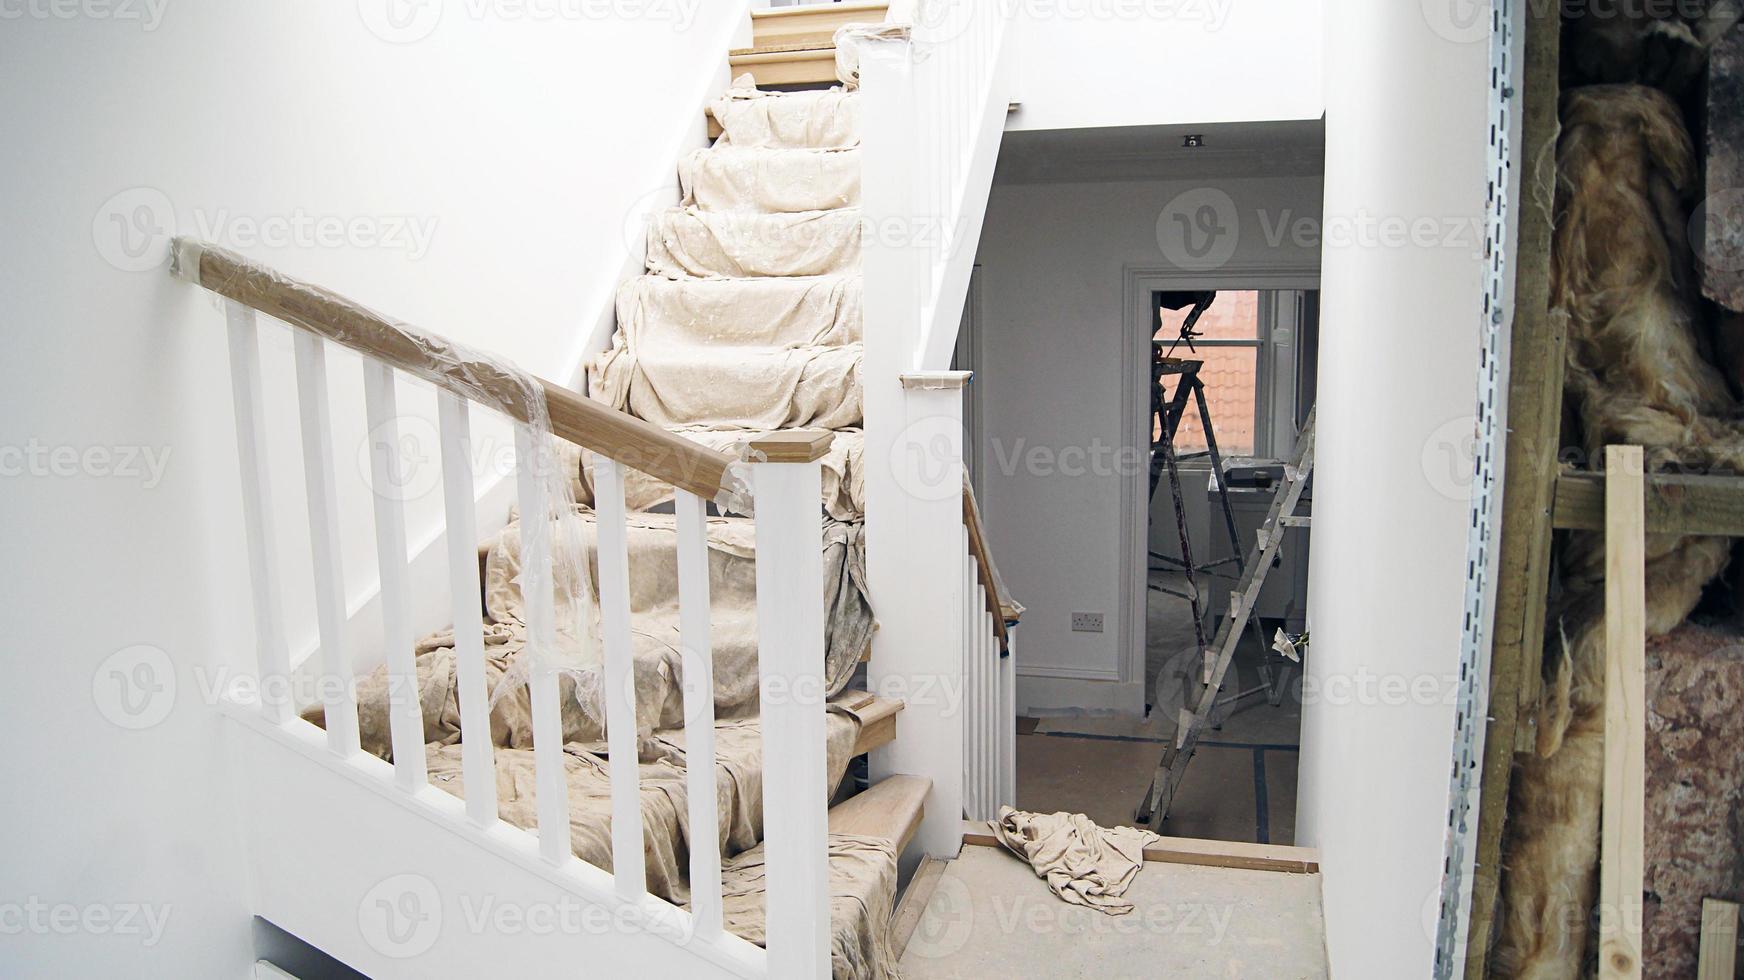 renovatie - herinrichting foto